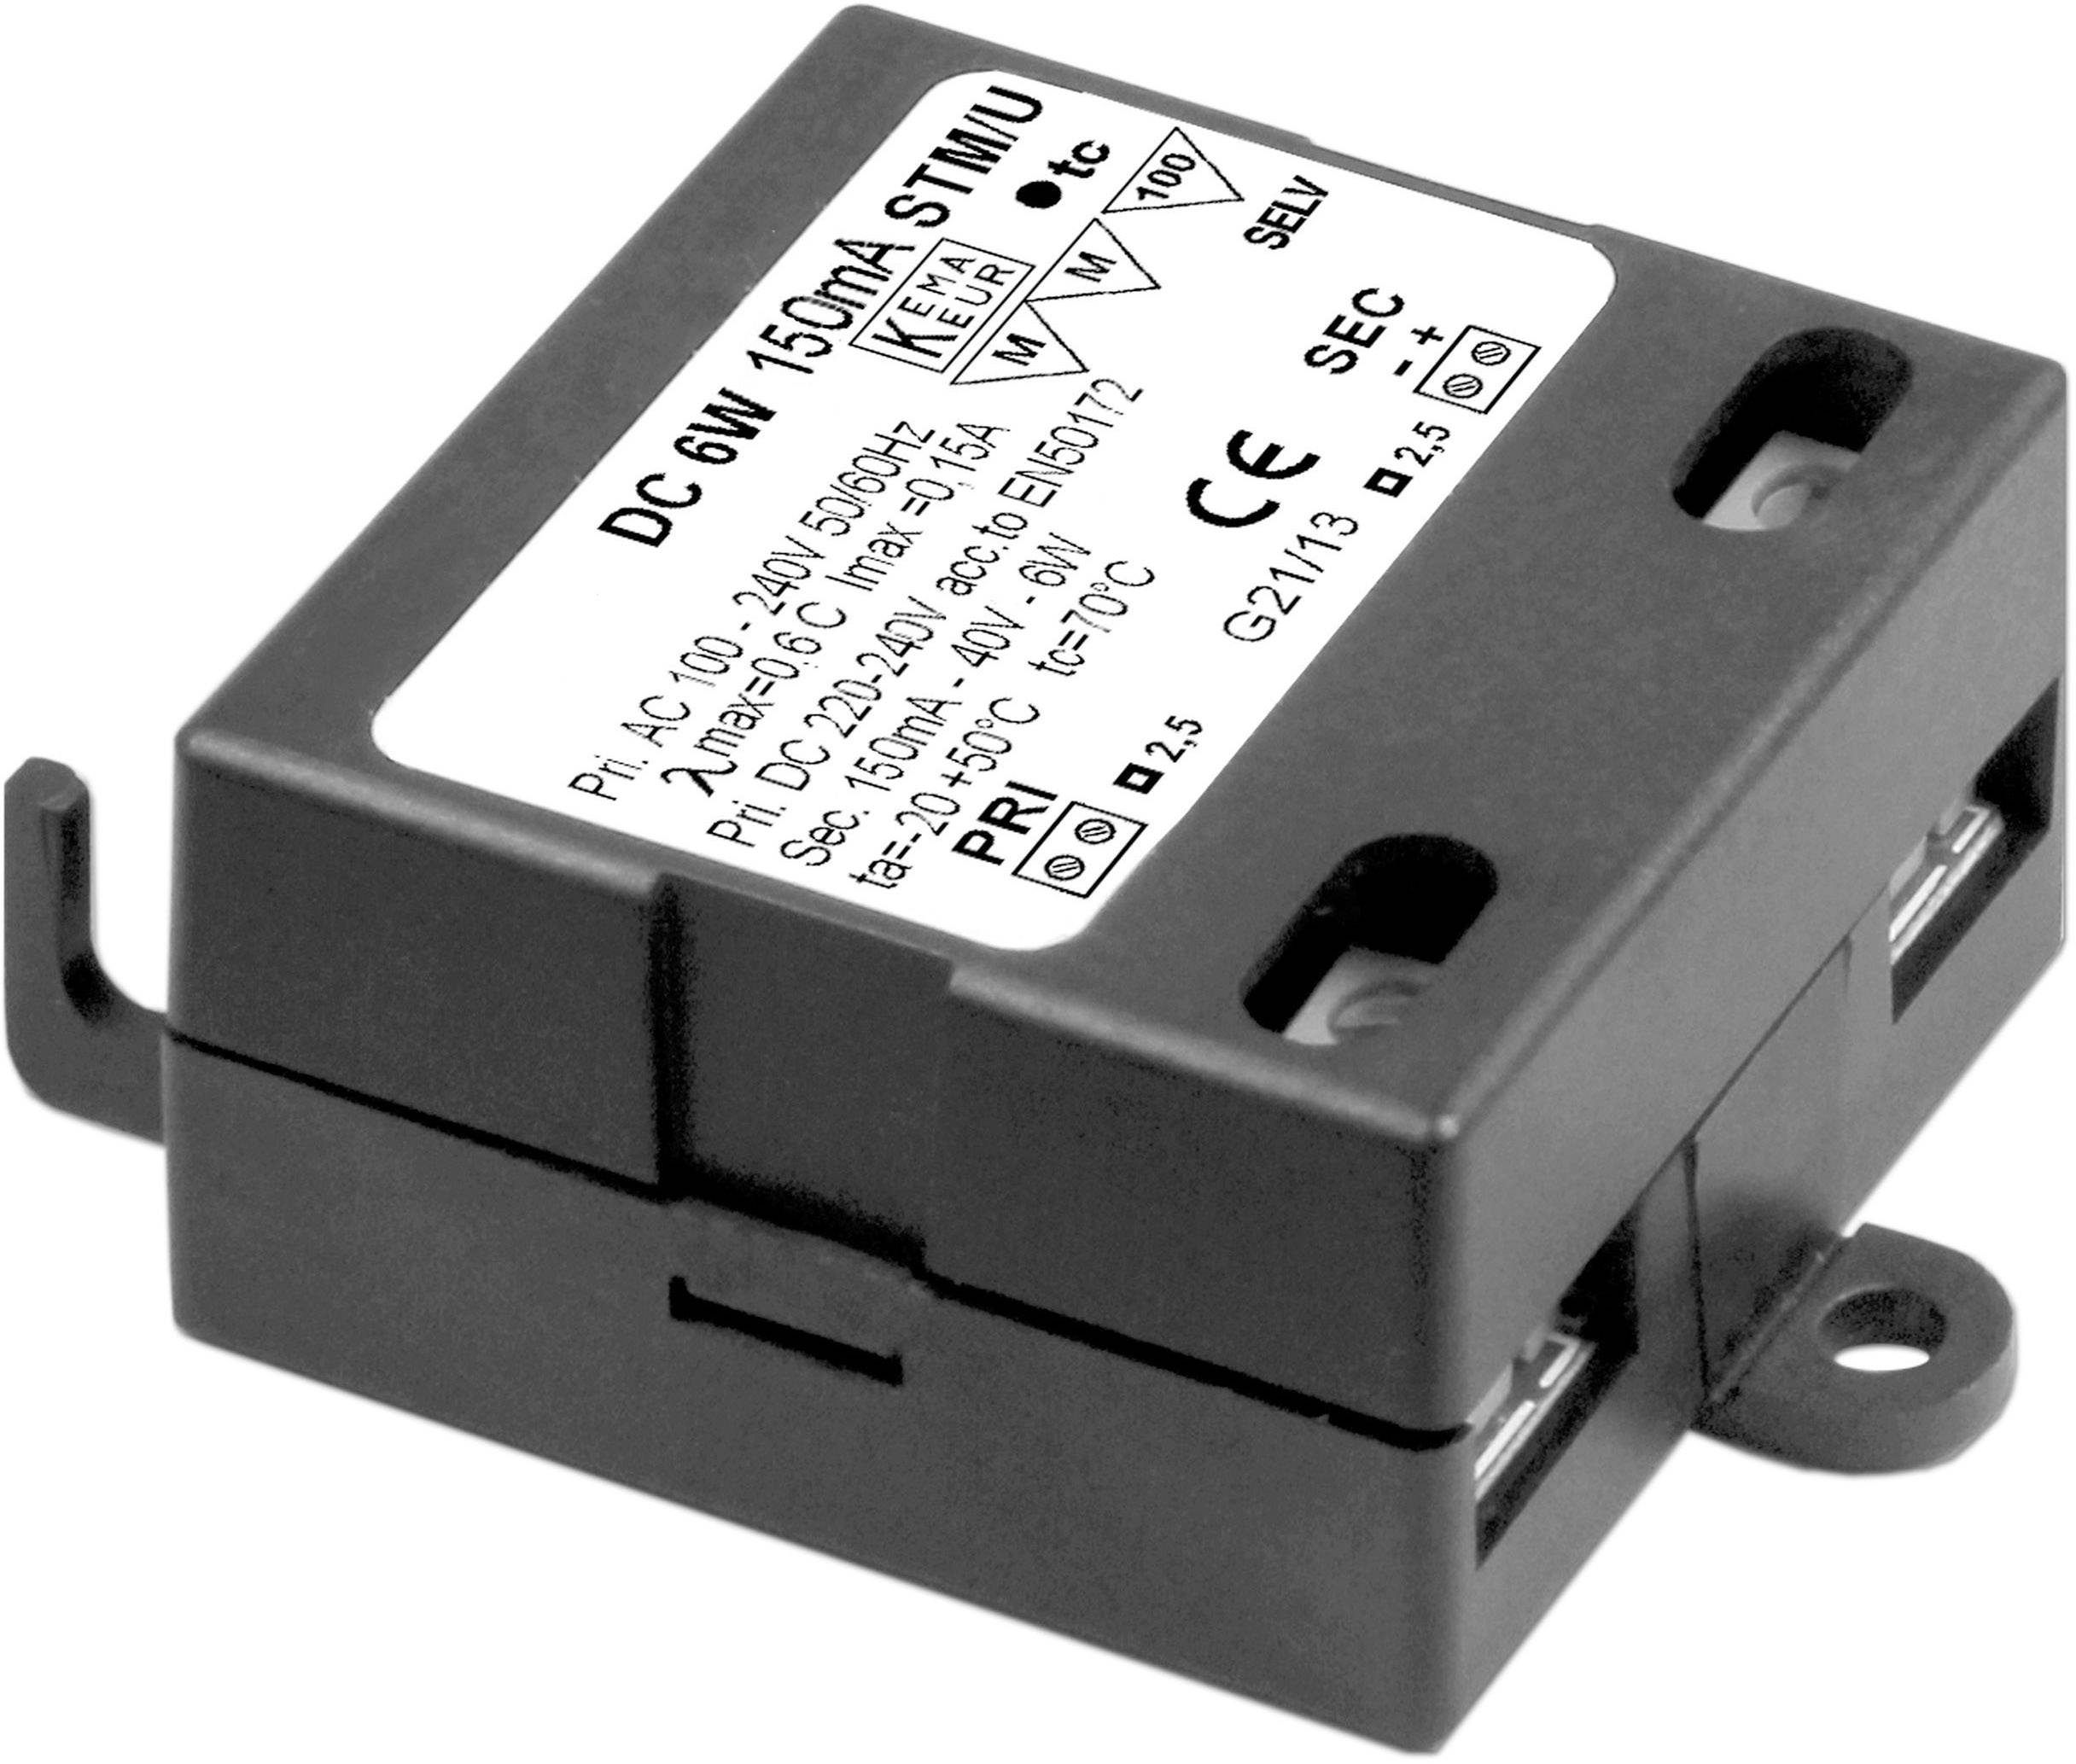 LED zdroj konštantného prúdu Barthelme 66004406, 150 mA, prevádzkové napätie (max.) 264 V/AC, 264 V/DC